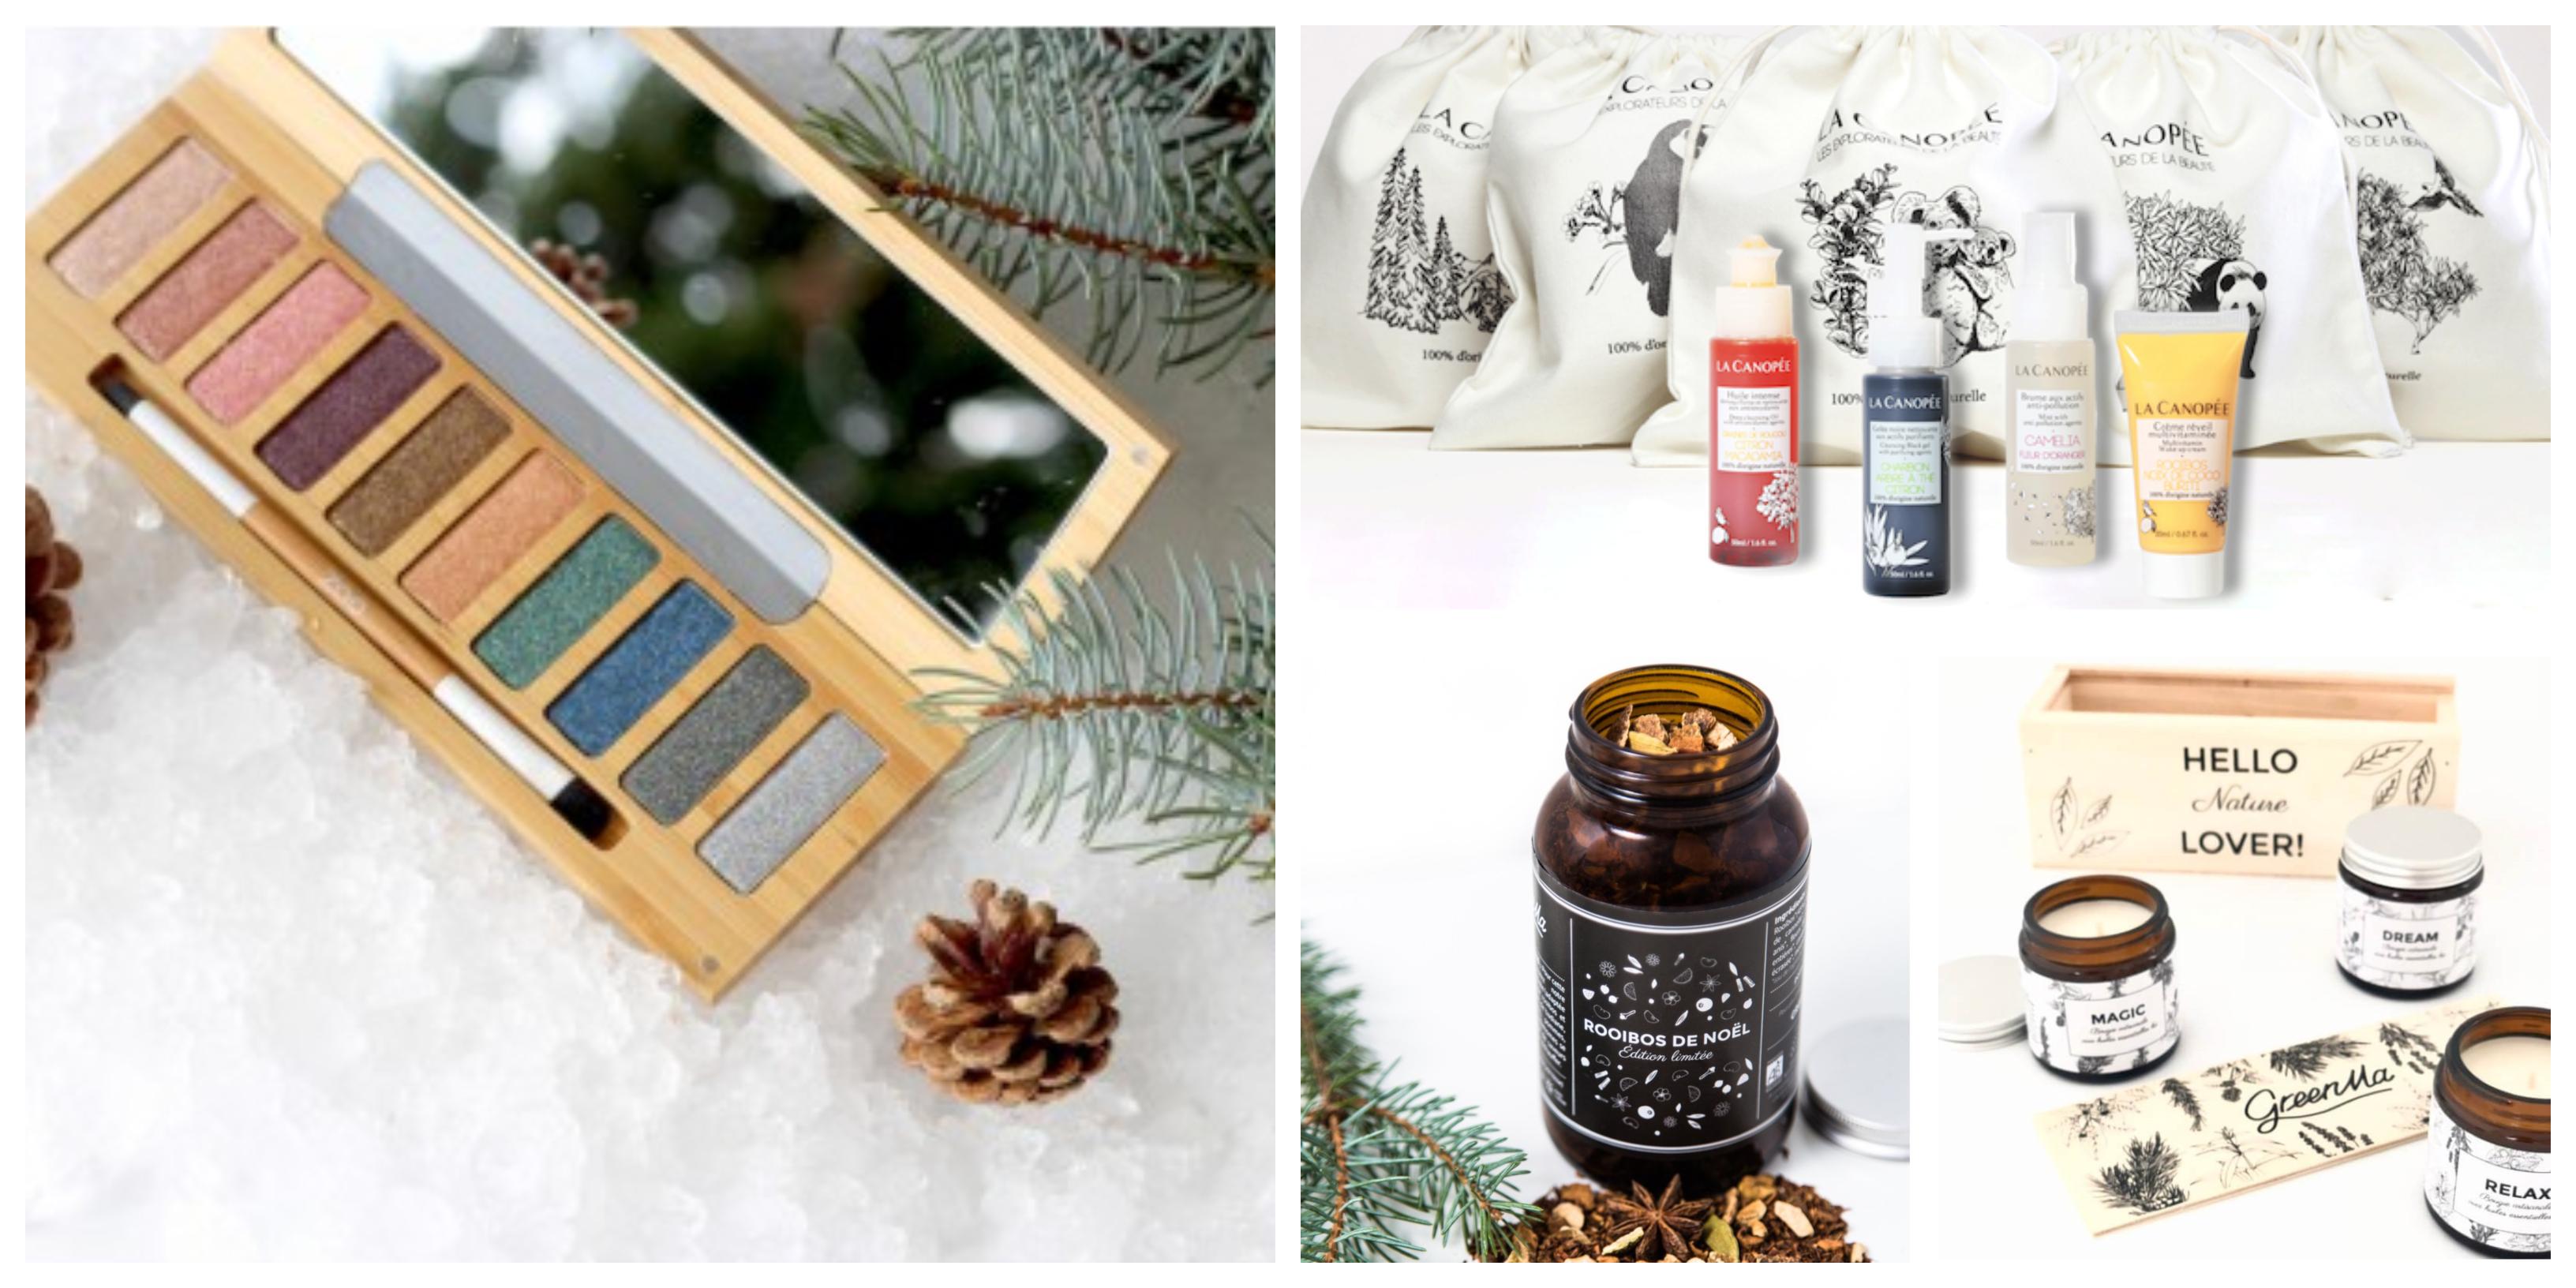 atelier-maoli-zao-la-canopée-green-ma-noel-cadeaux-blog-bordeaux